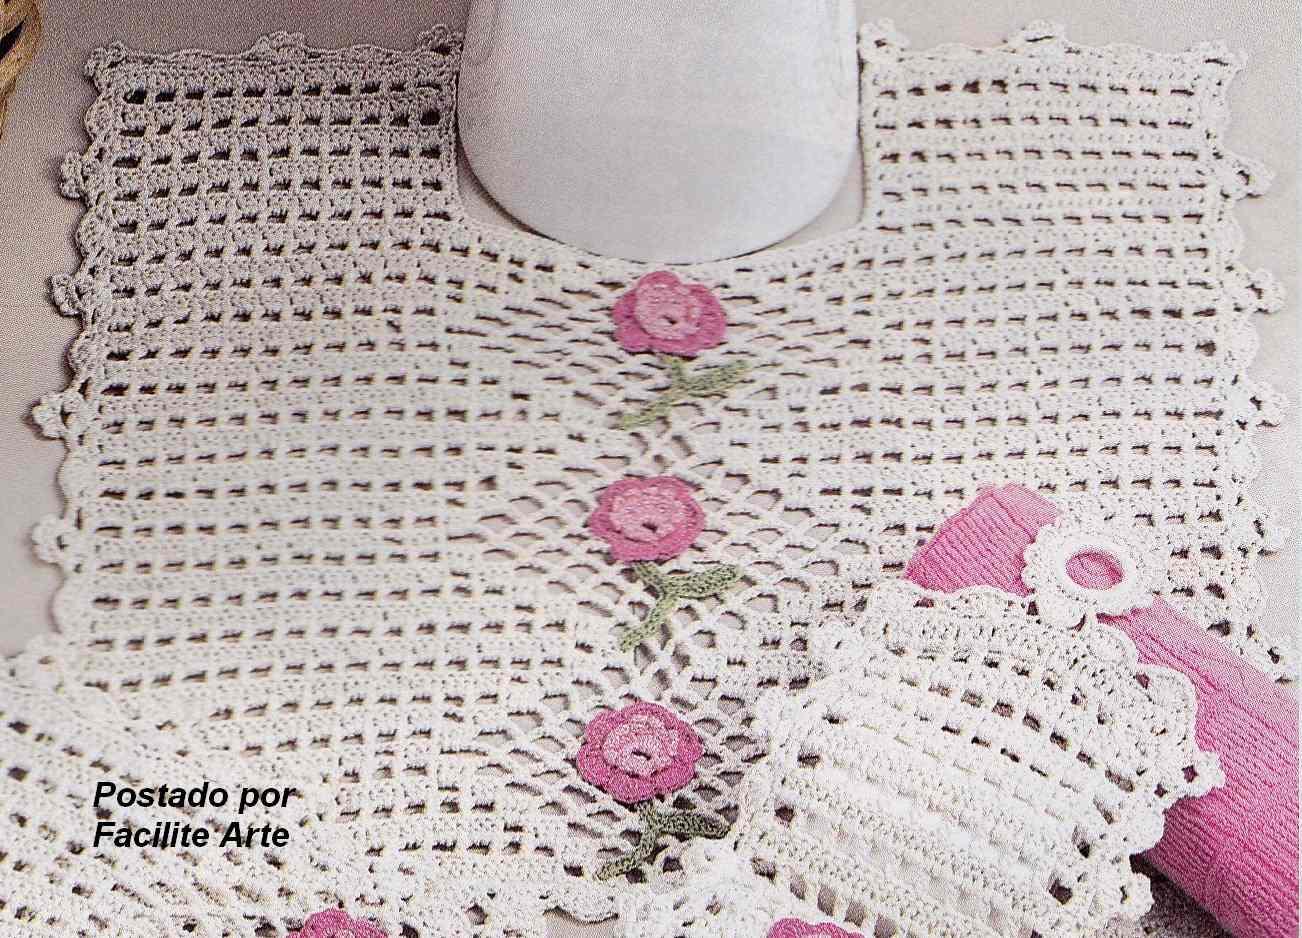 Facilite Sua Arte: Jogo de Banheiro 4 Tapete do Vaso #8E3D63 1302 938